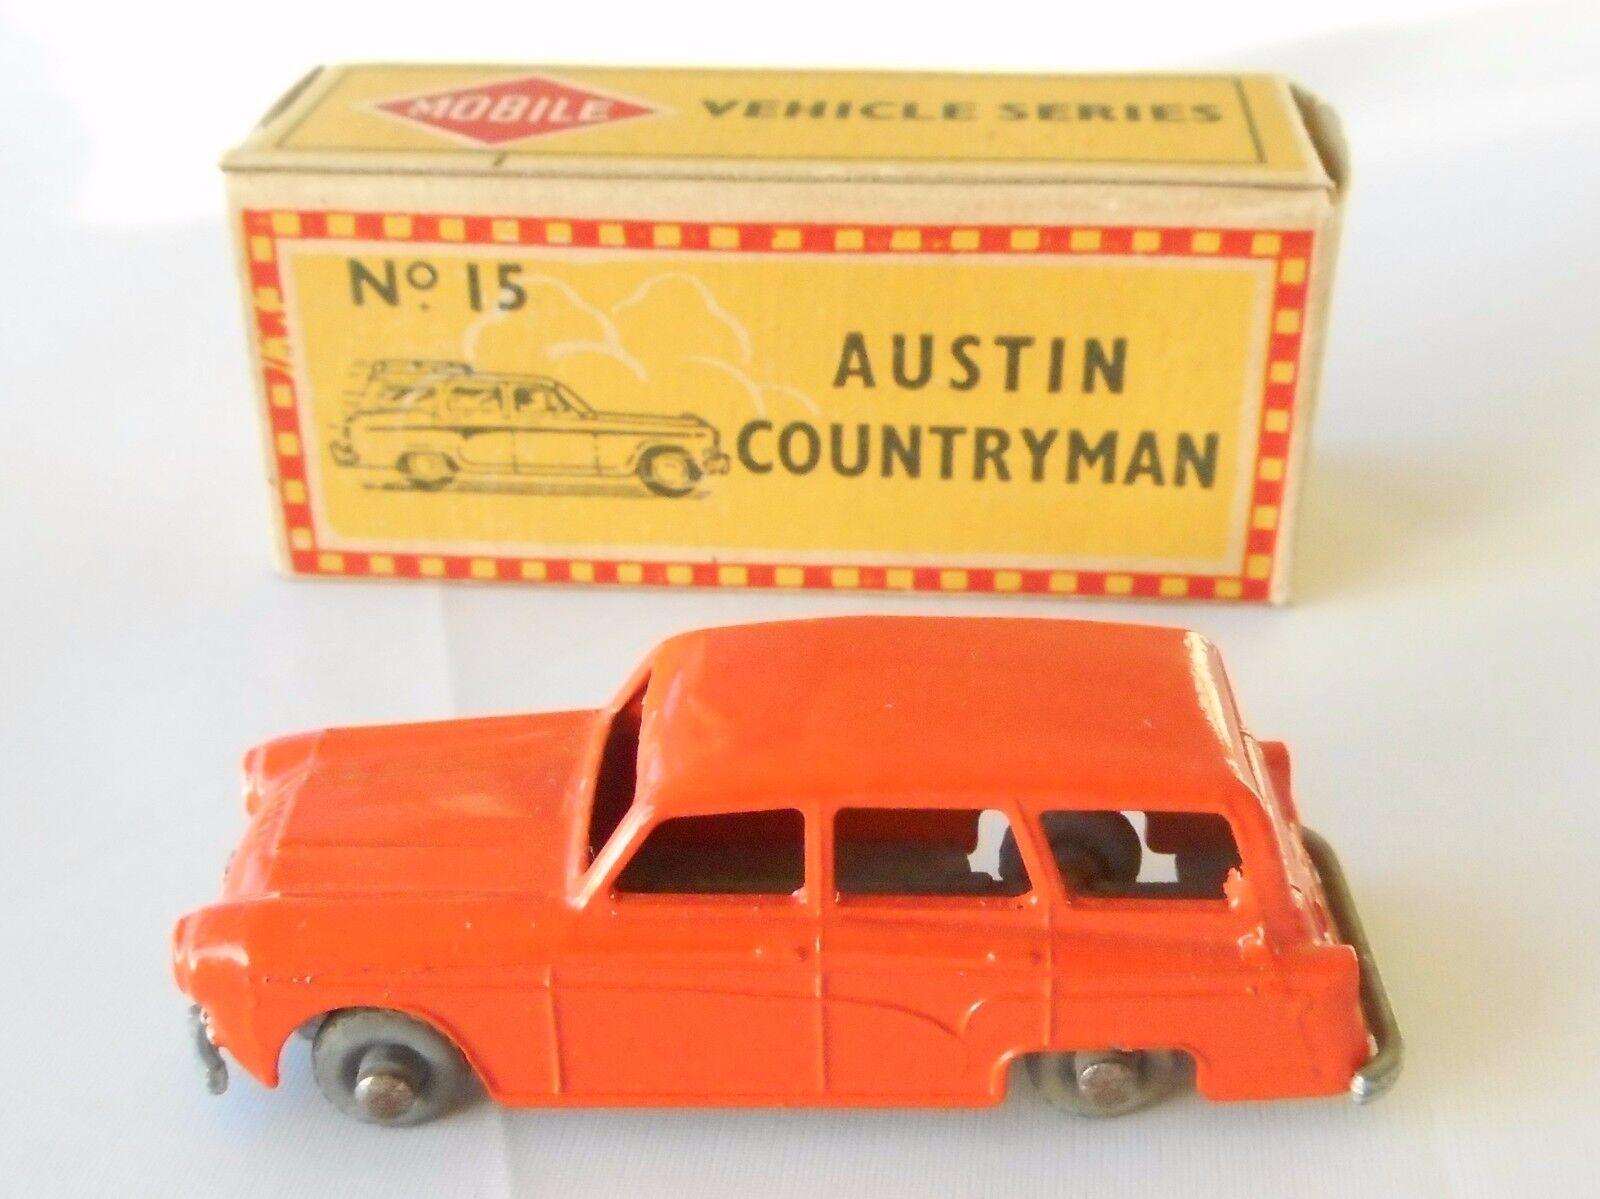 Morestone No 15 Austin Countryman, orange in original box.